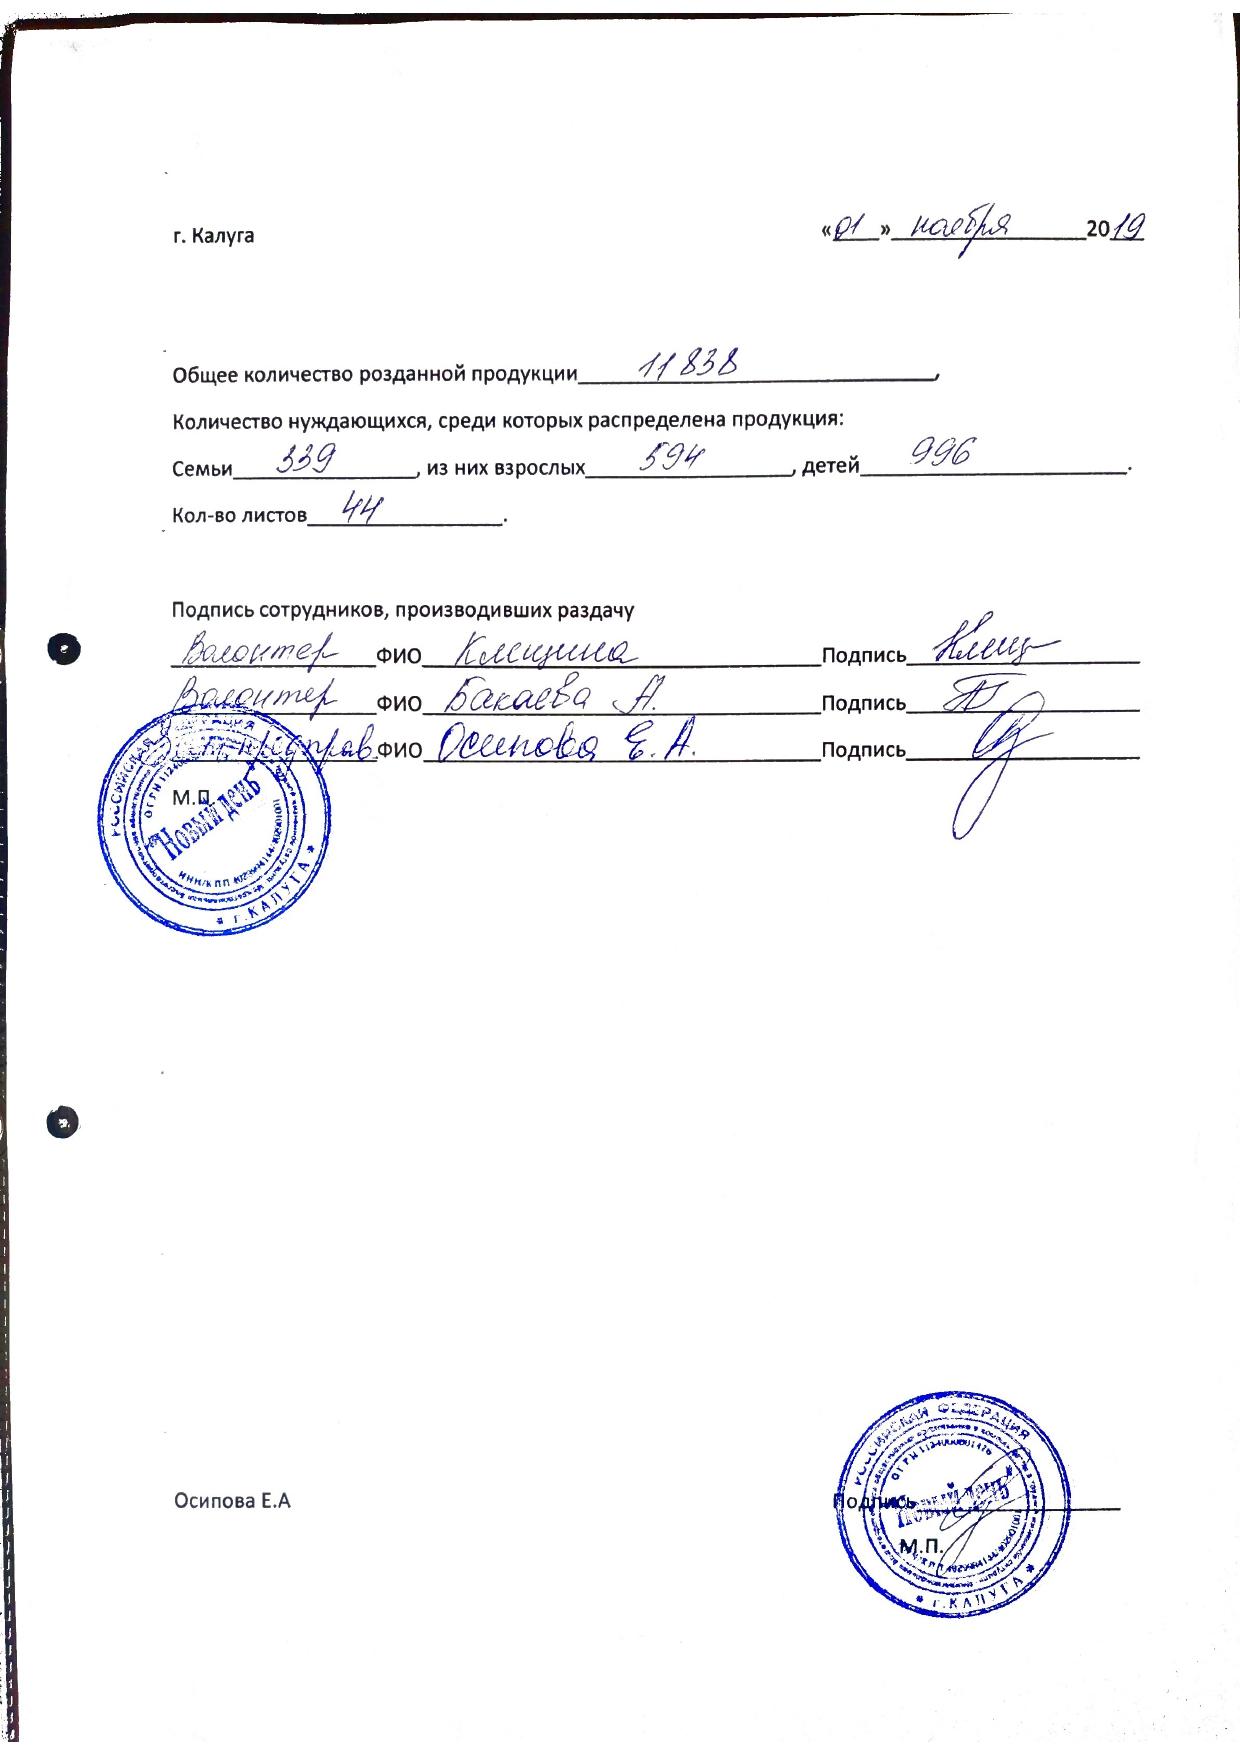 Молочка кол-во 01.11.2019